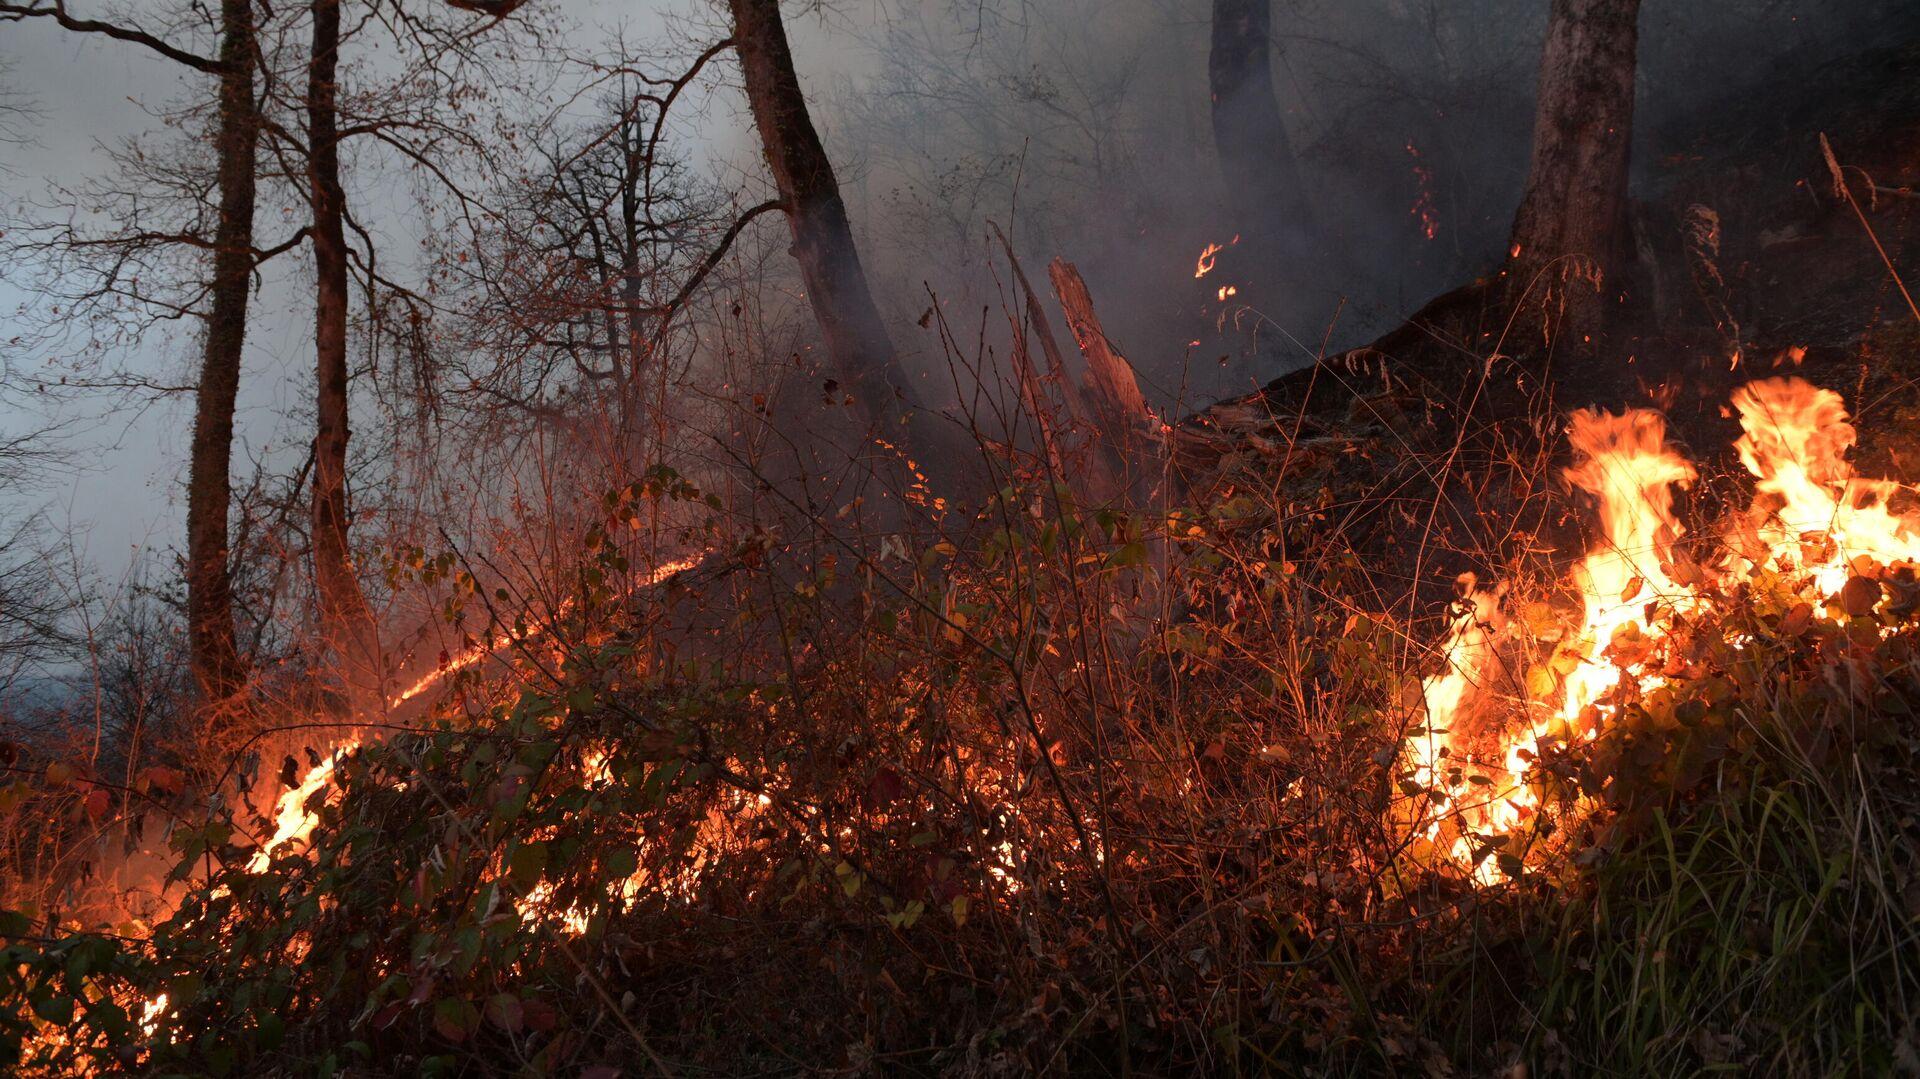 1592134992 0:311:3078:2042 1920x0 80 0 0 534de639943d2c3d1c64825b2f8af386 - Вильфанд назвал регионы с высоким риском природных пожаров